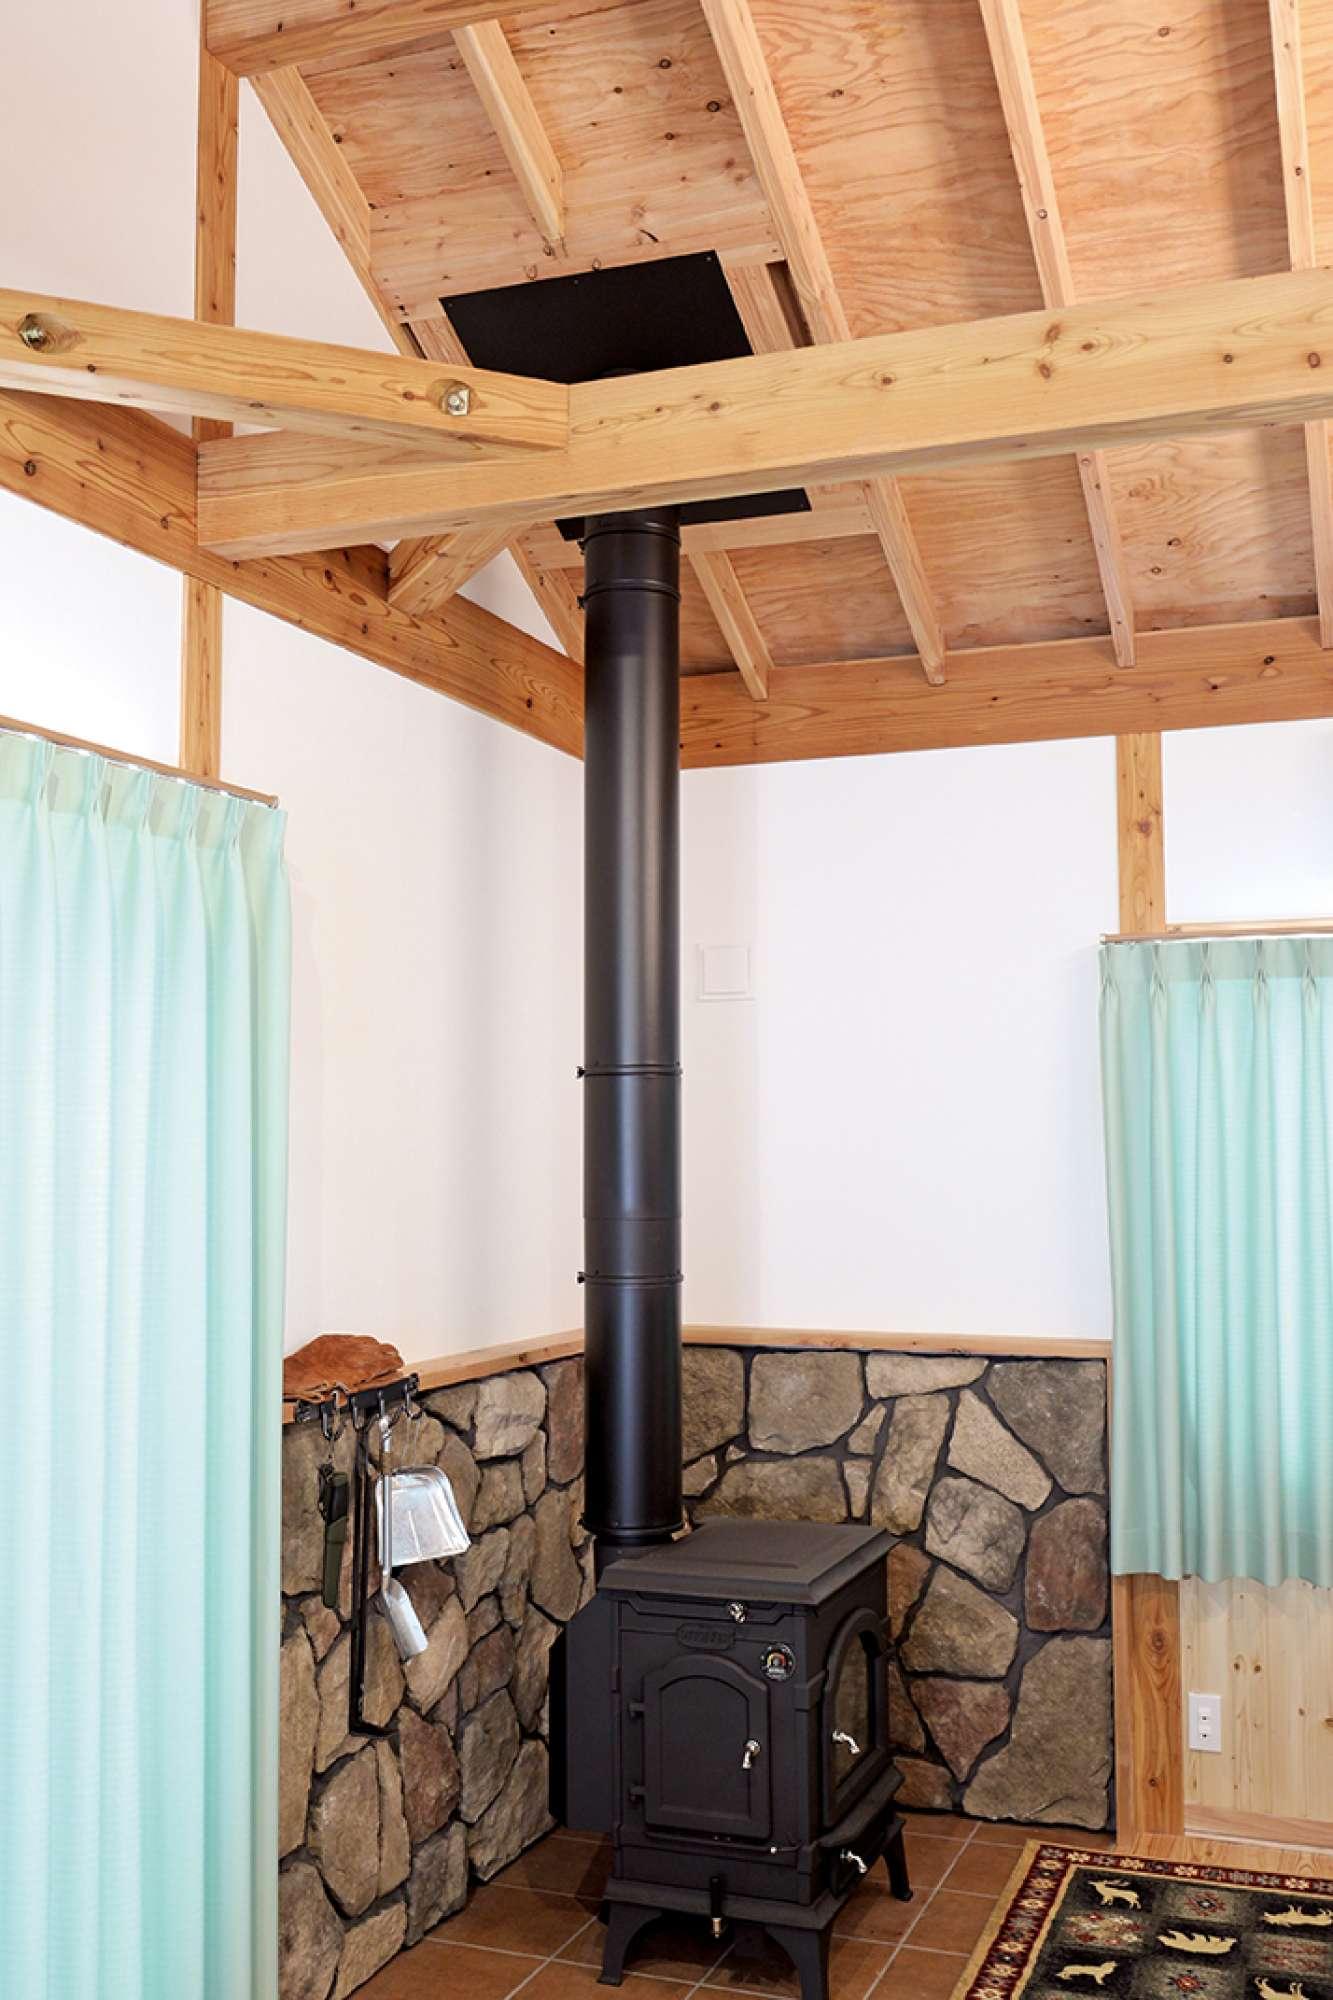 薪ストーブの背面壁は擬石でコーナーを演出、床はタイルを採用 -  -  -